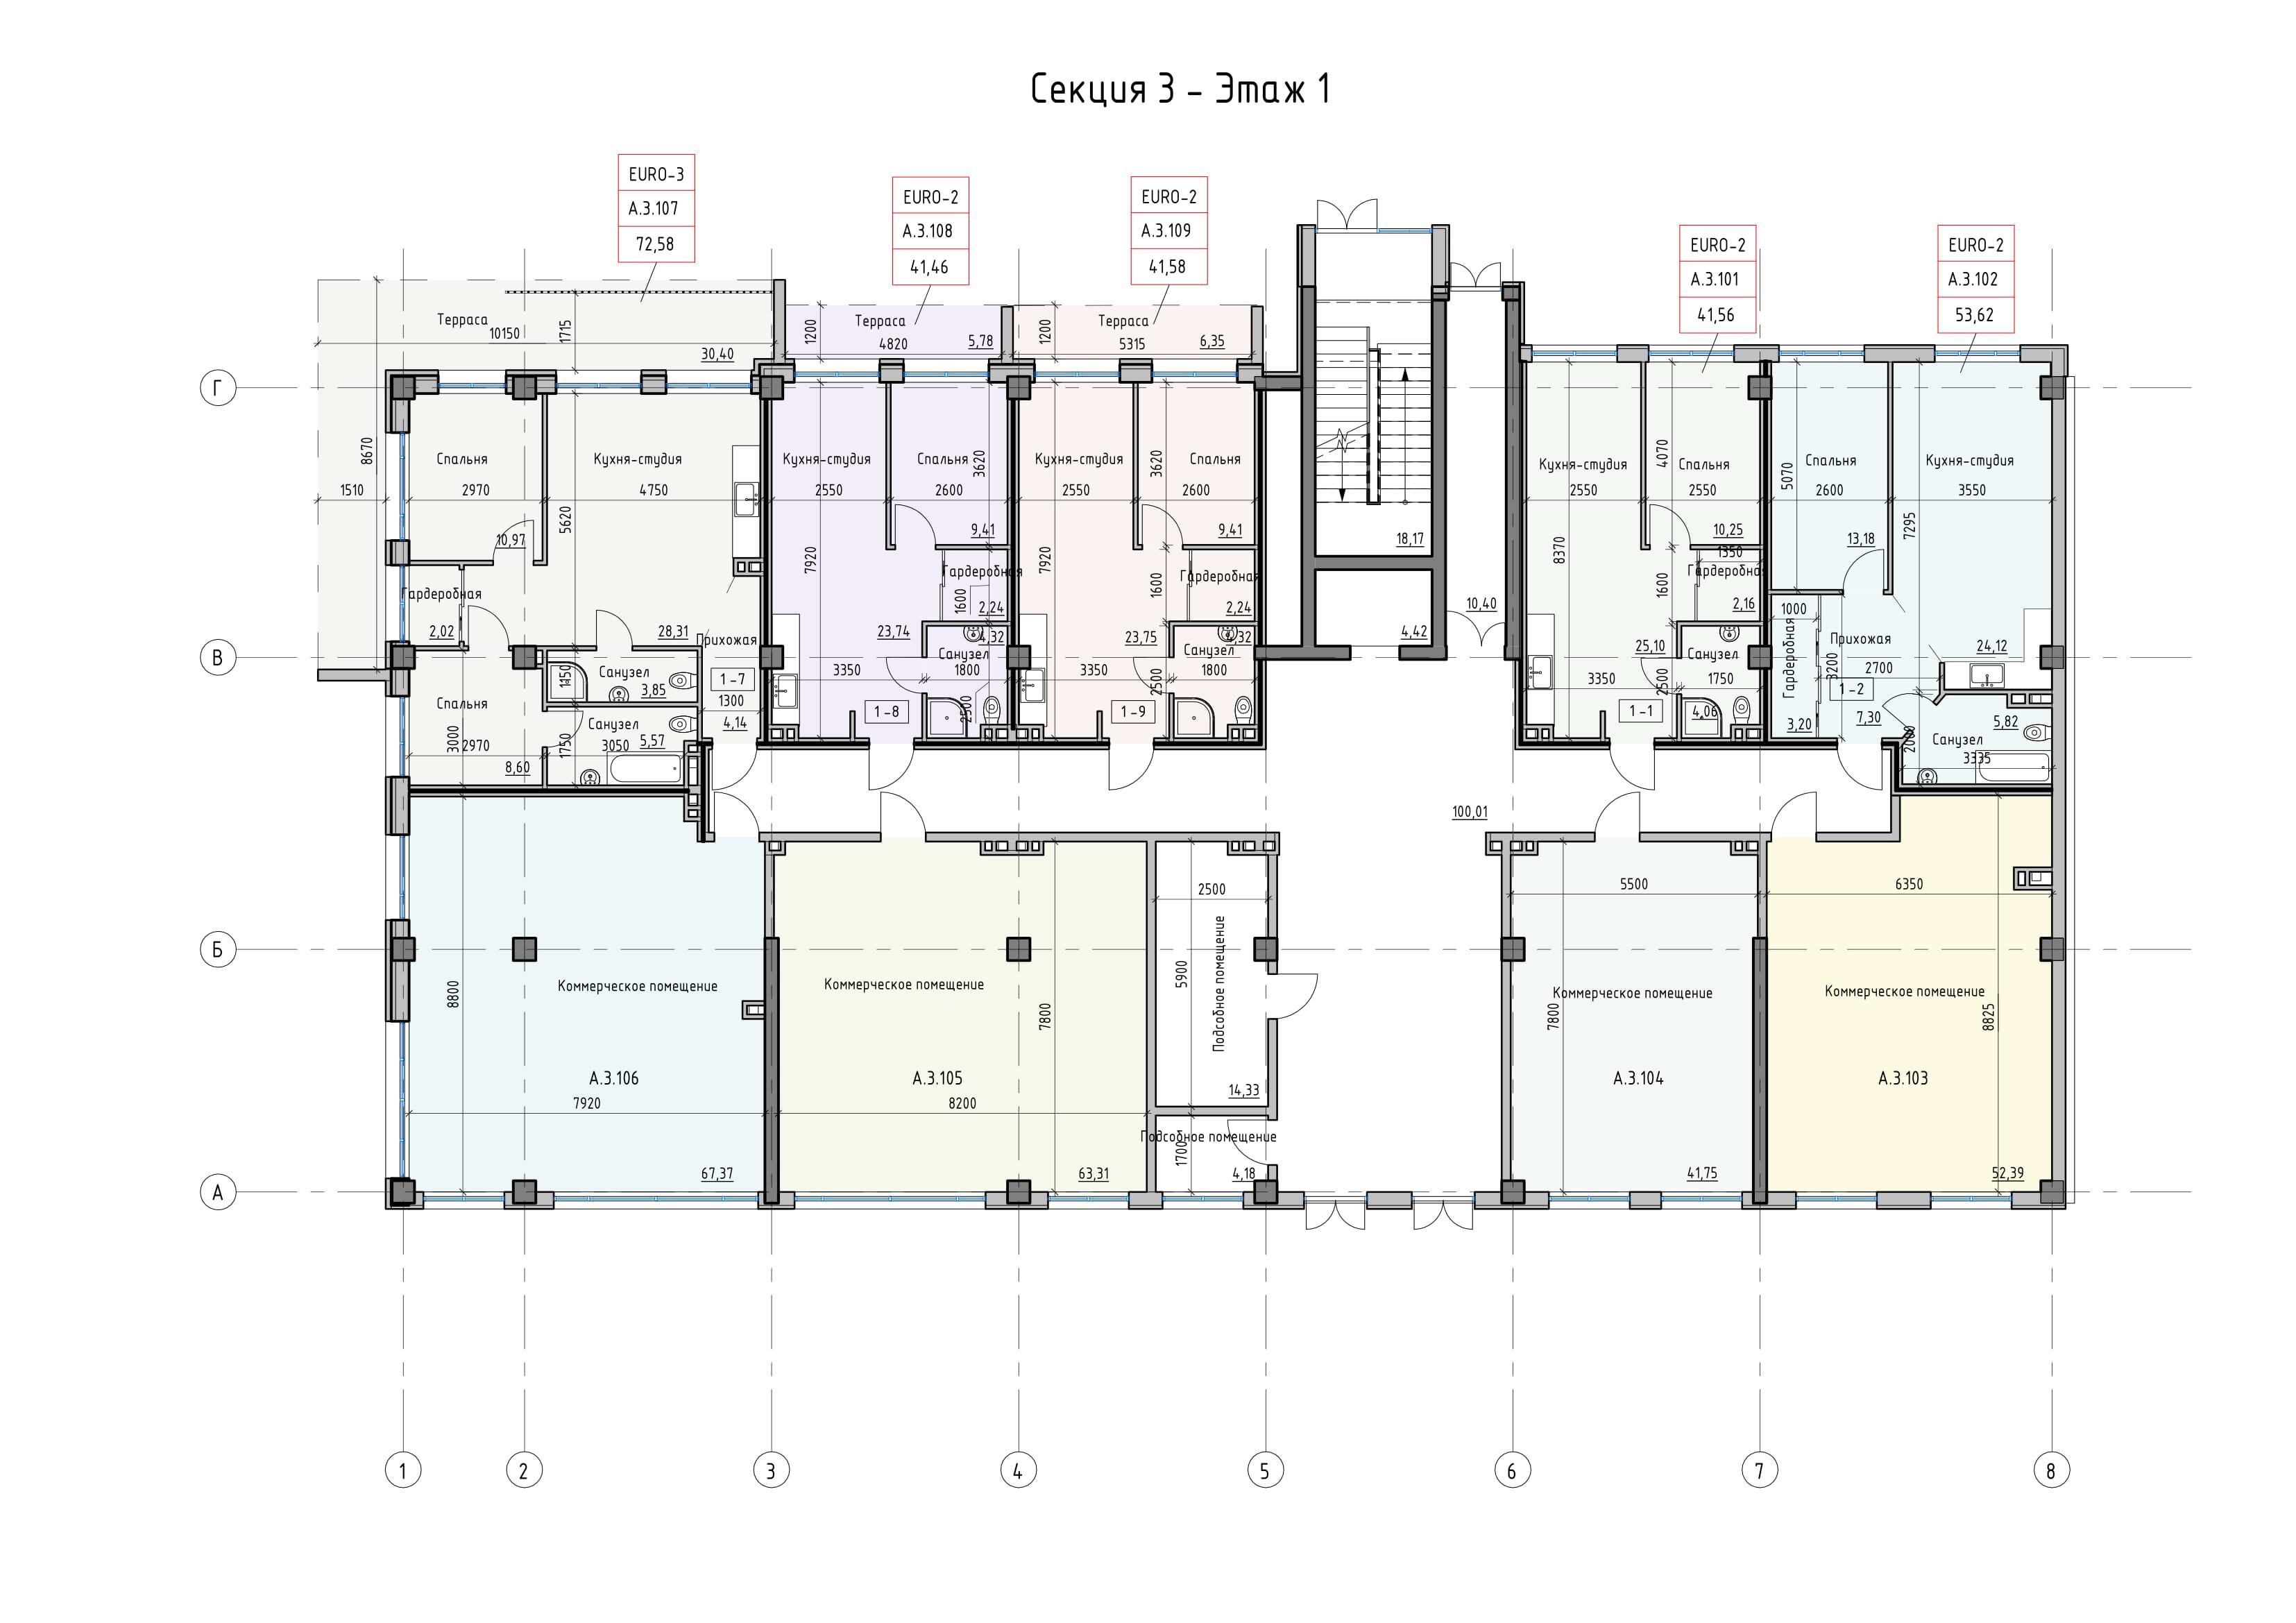 Пространство на Донского Корпус А Секция 3 план 1 этажа